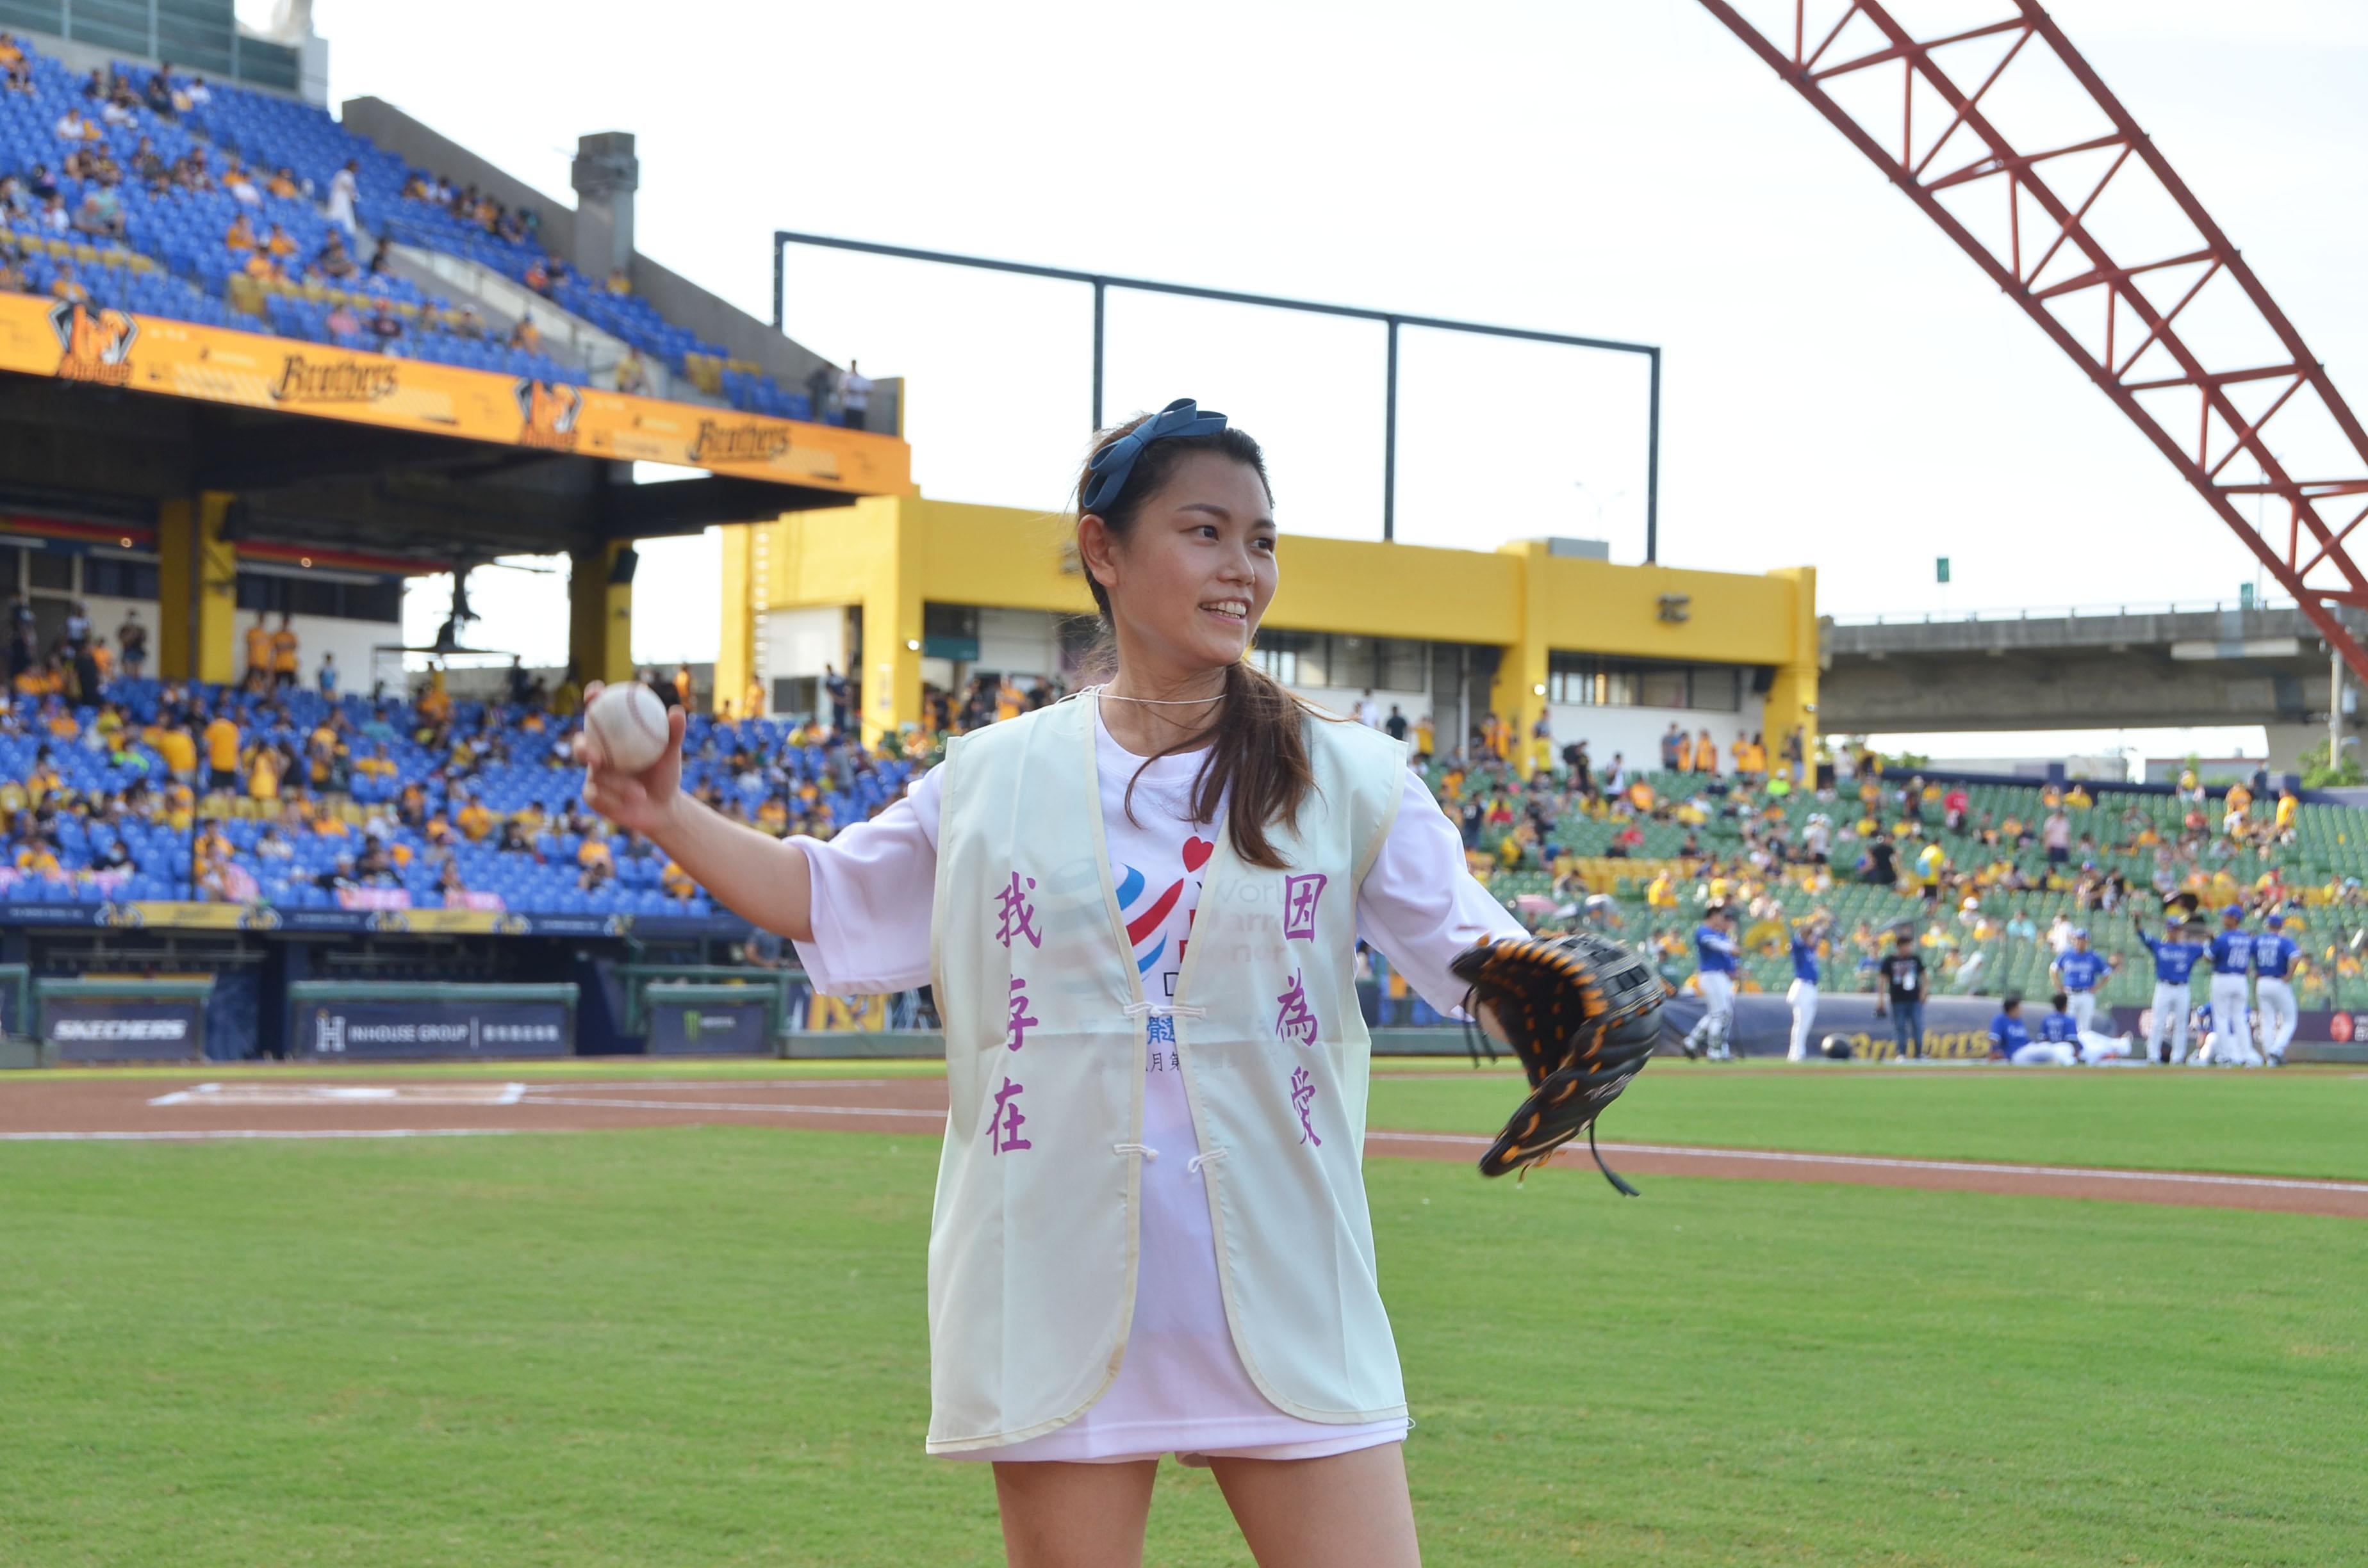 7月11日重獲新生的受贈者李亞倪開球。